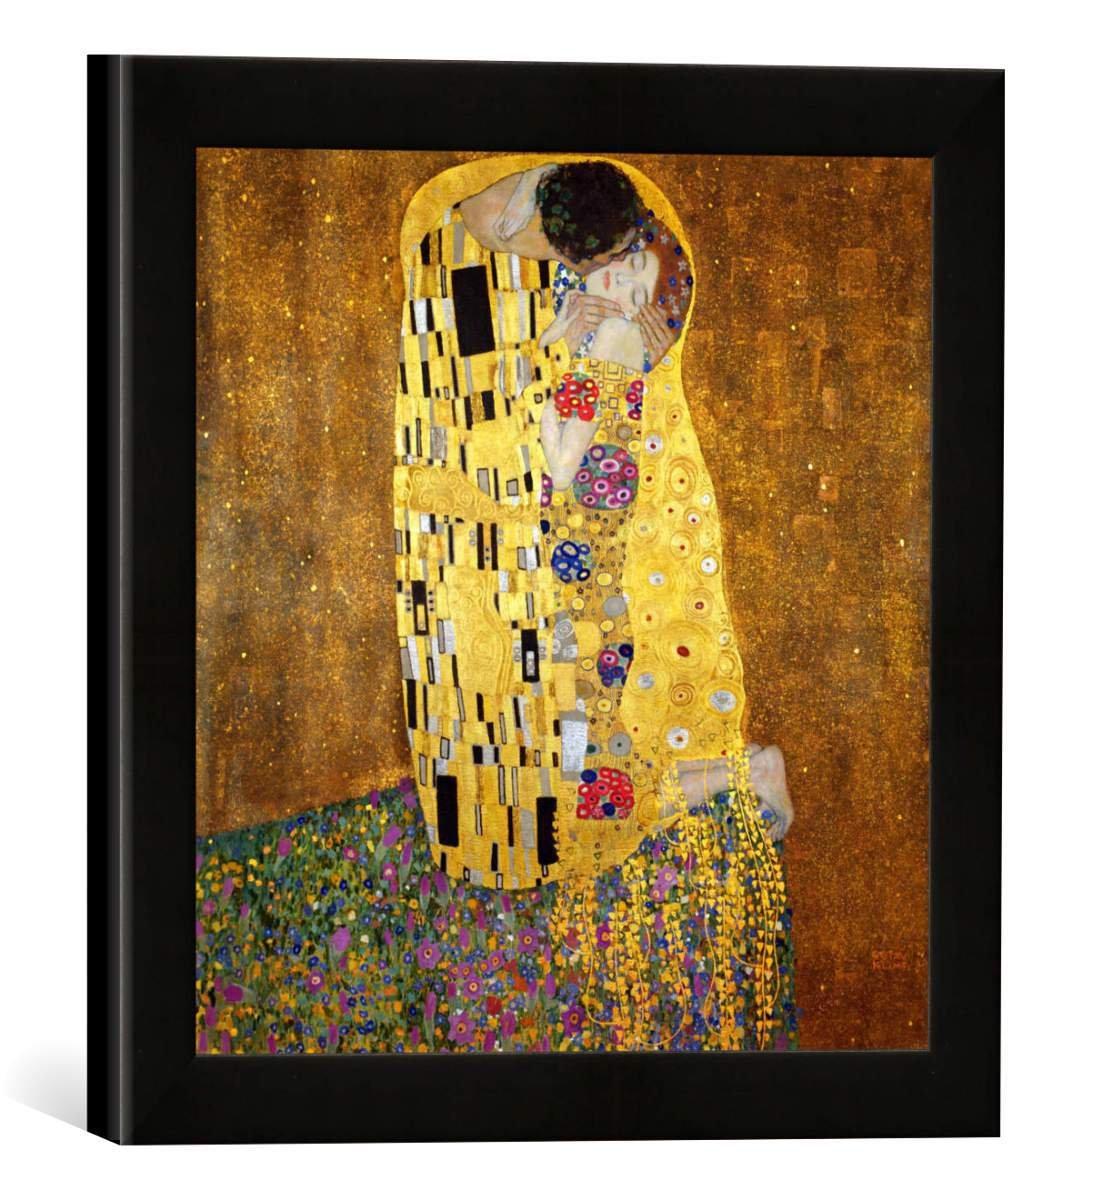 Gerahmtes Bild von Gustav Klimt Der Kuß, Kunstdruck im hochwertigen handgefertigten Bilder-Rahmen, 30x30 cm, Schwarz matt